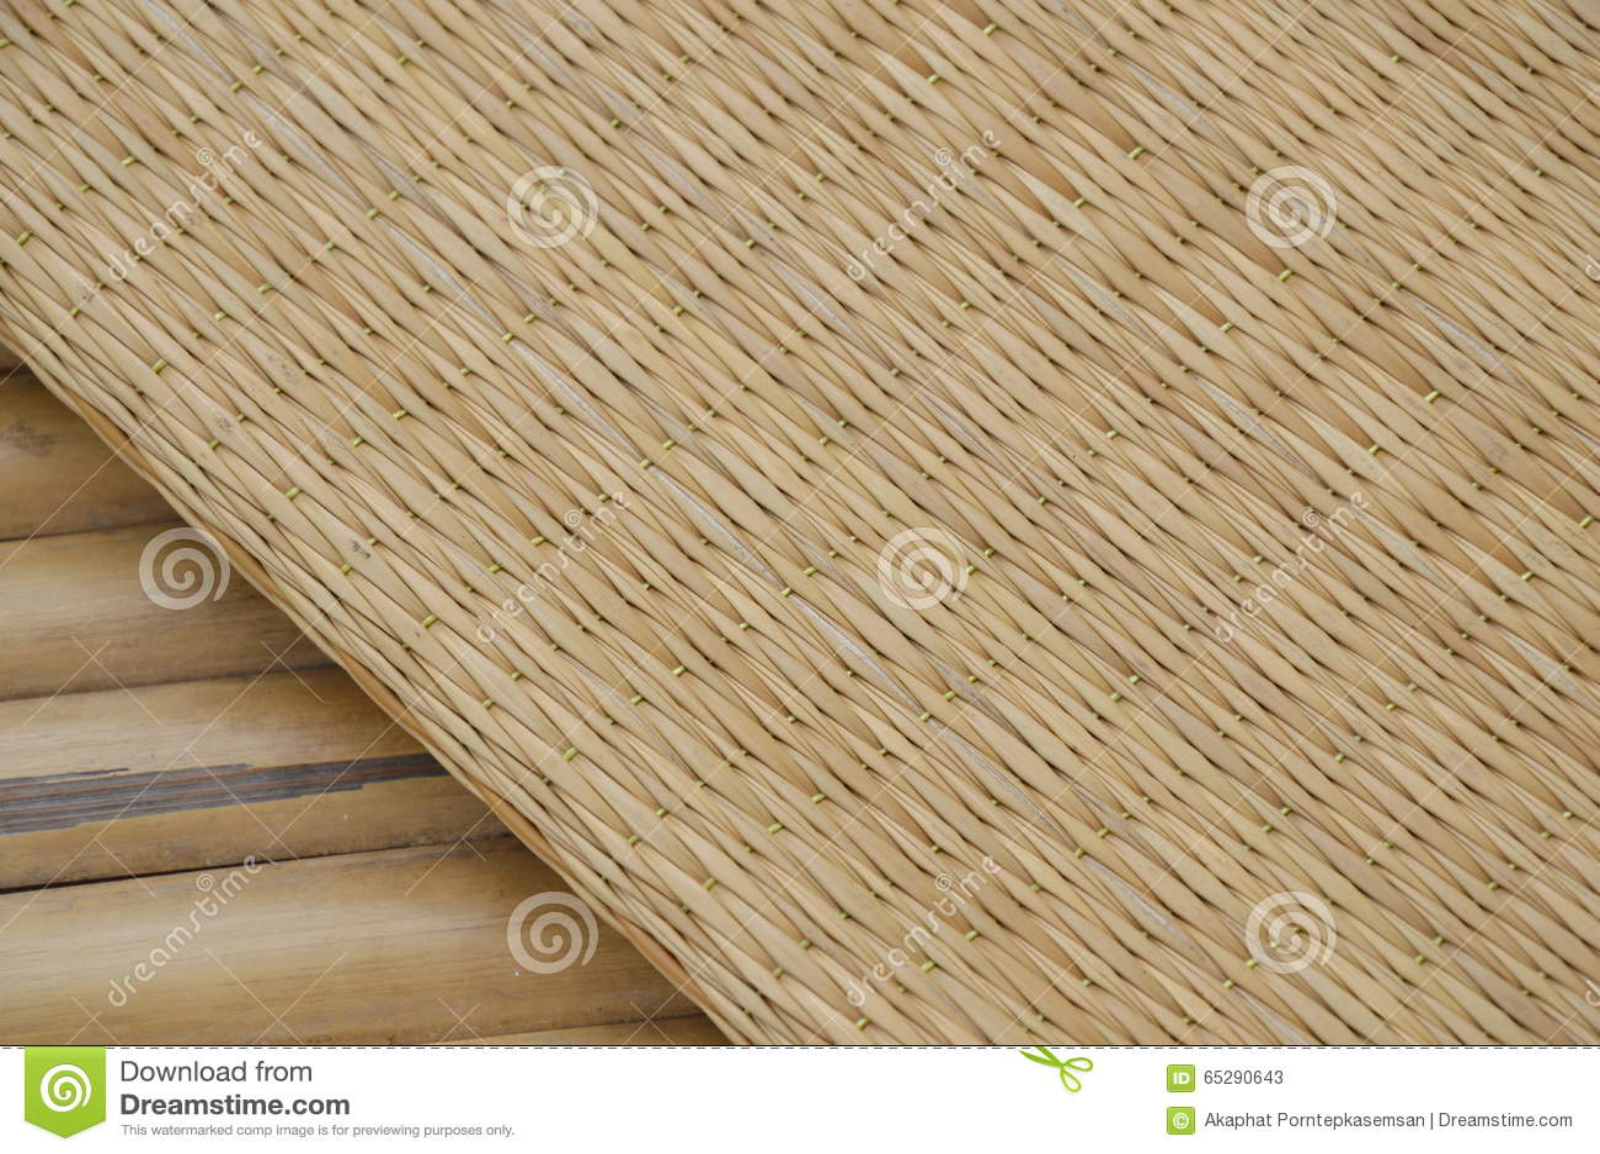 Bamboo mat on litter